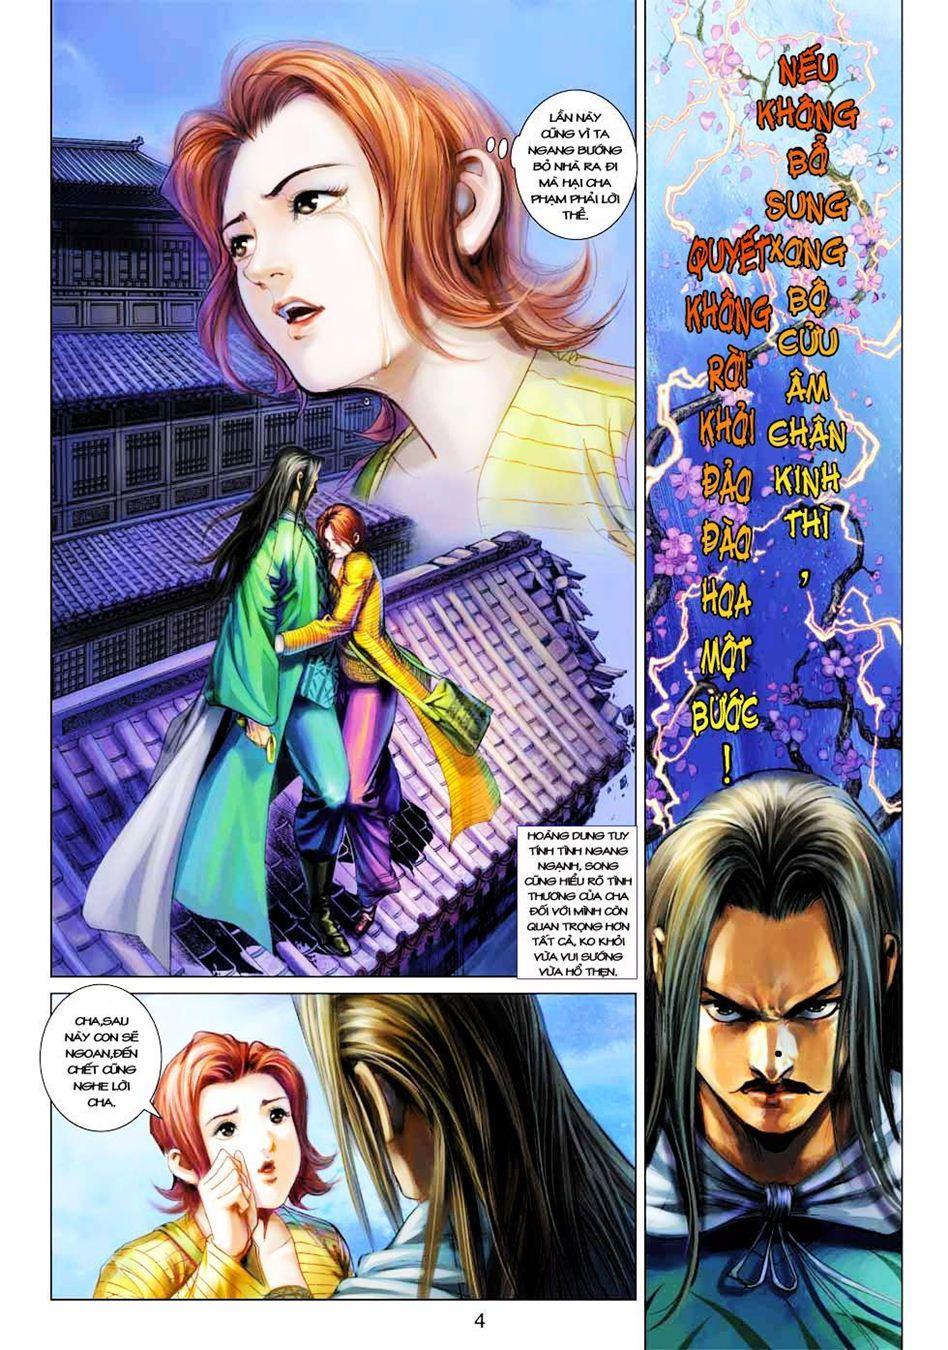 Anh Hùng Xạ Điêu anh hùng xạ đêu chap 33 trang 4